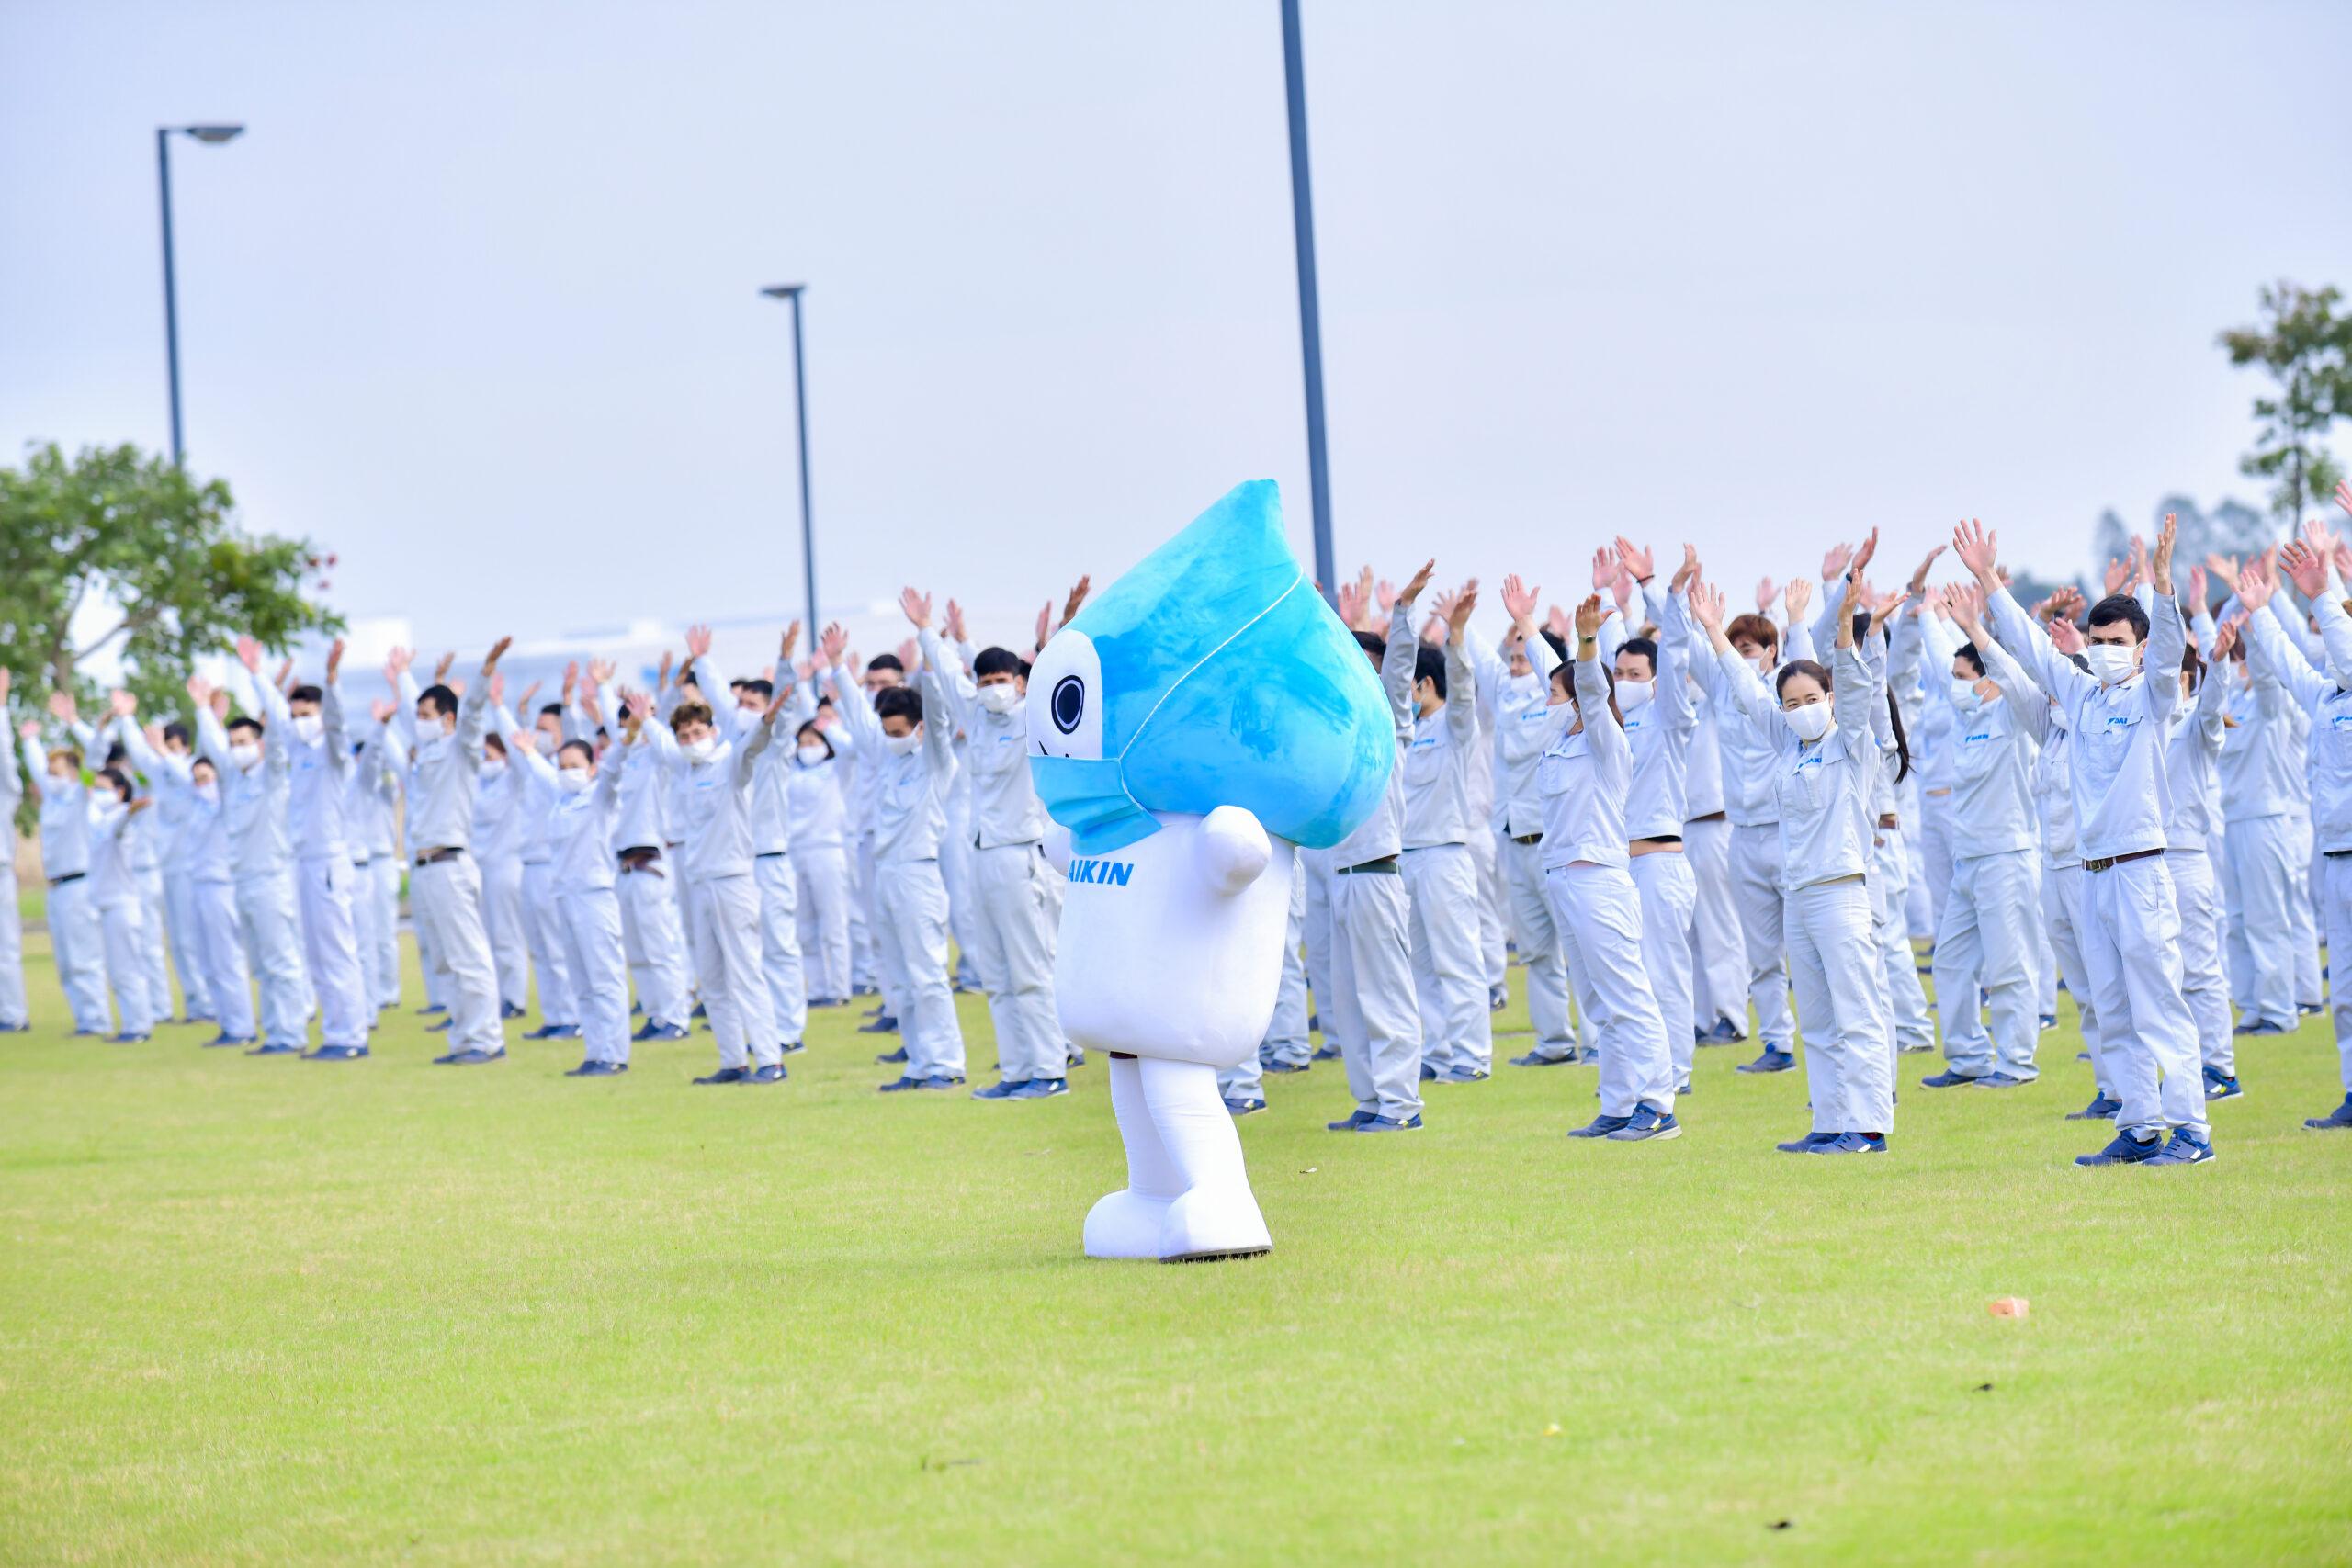 1.000 cán bộ, nhân viên công ty Daikin tham gia nhảy vũ điệu rửa tay tuyên tuyền phòng chống dịch bệnh Covid